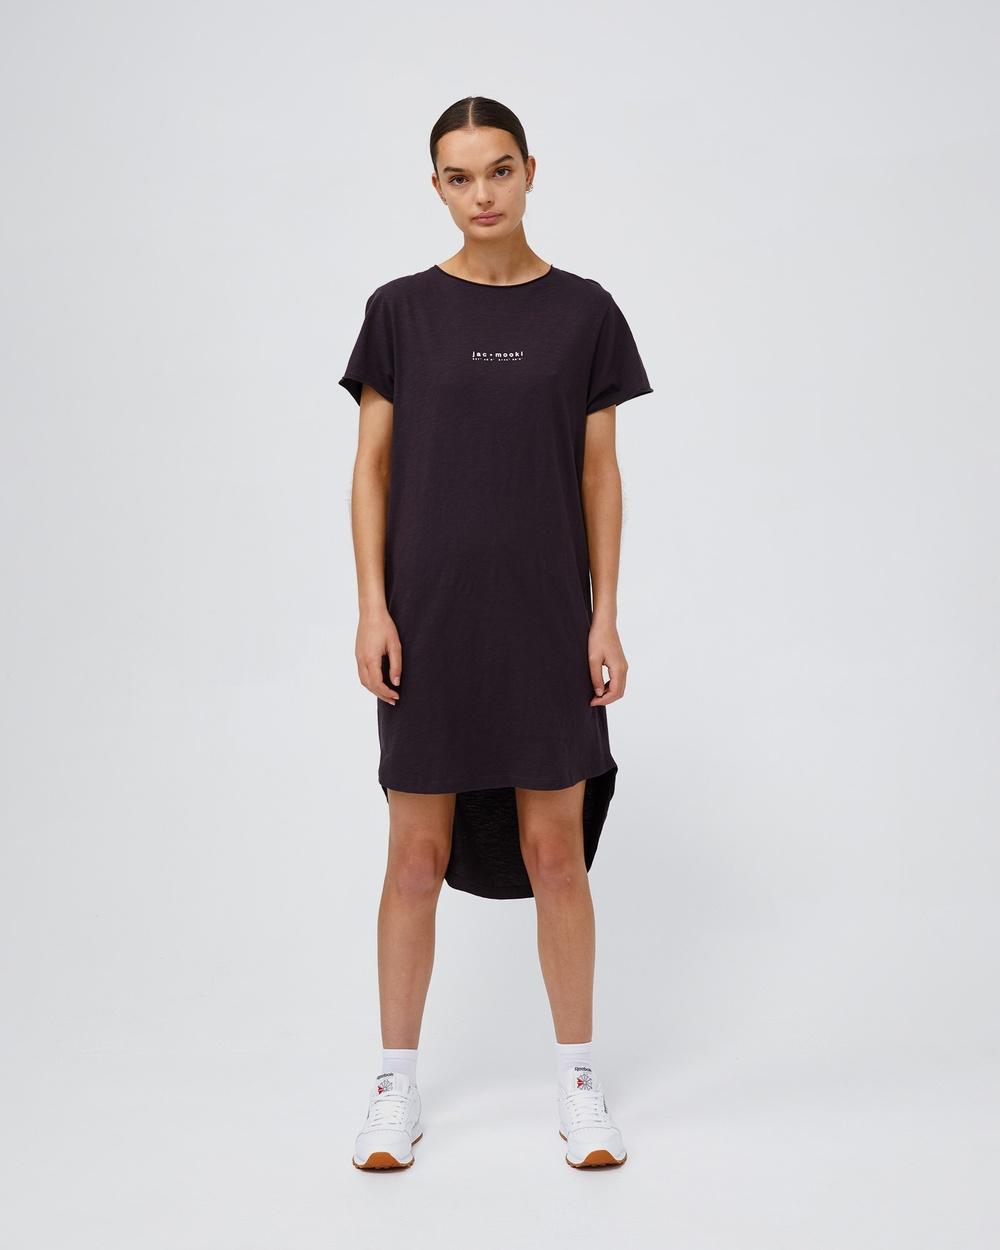 Jac & Mooki Kendall Dress Dresses vintage black Australia